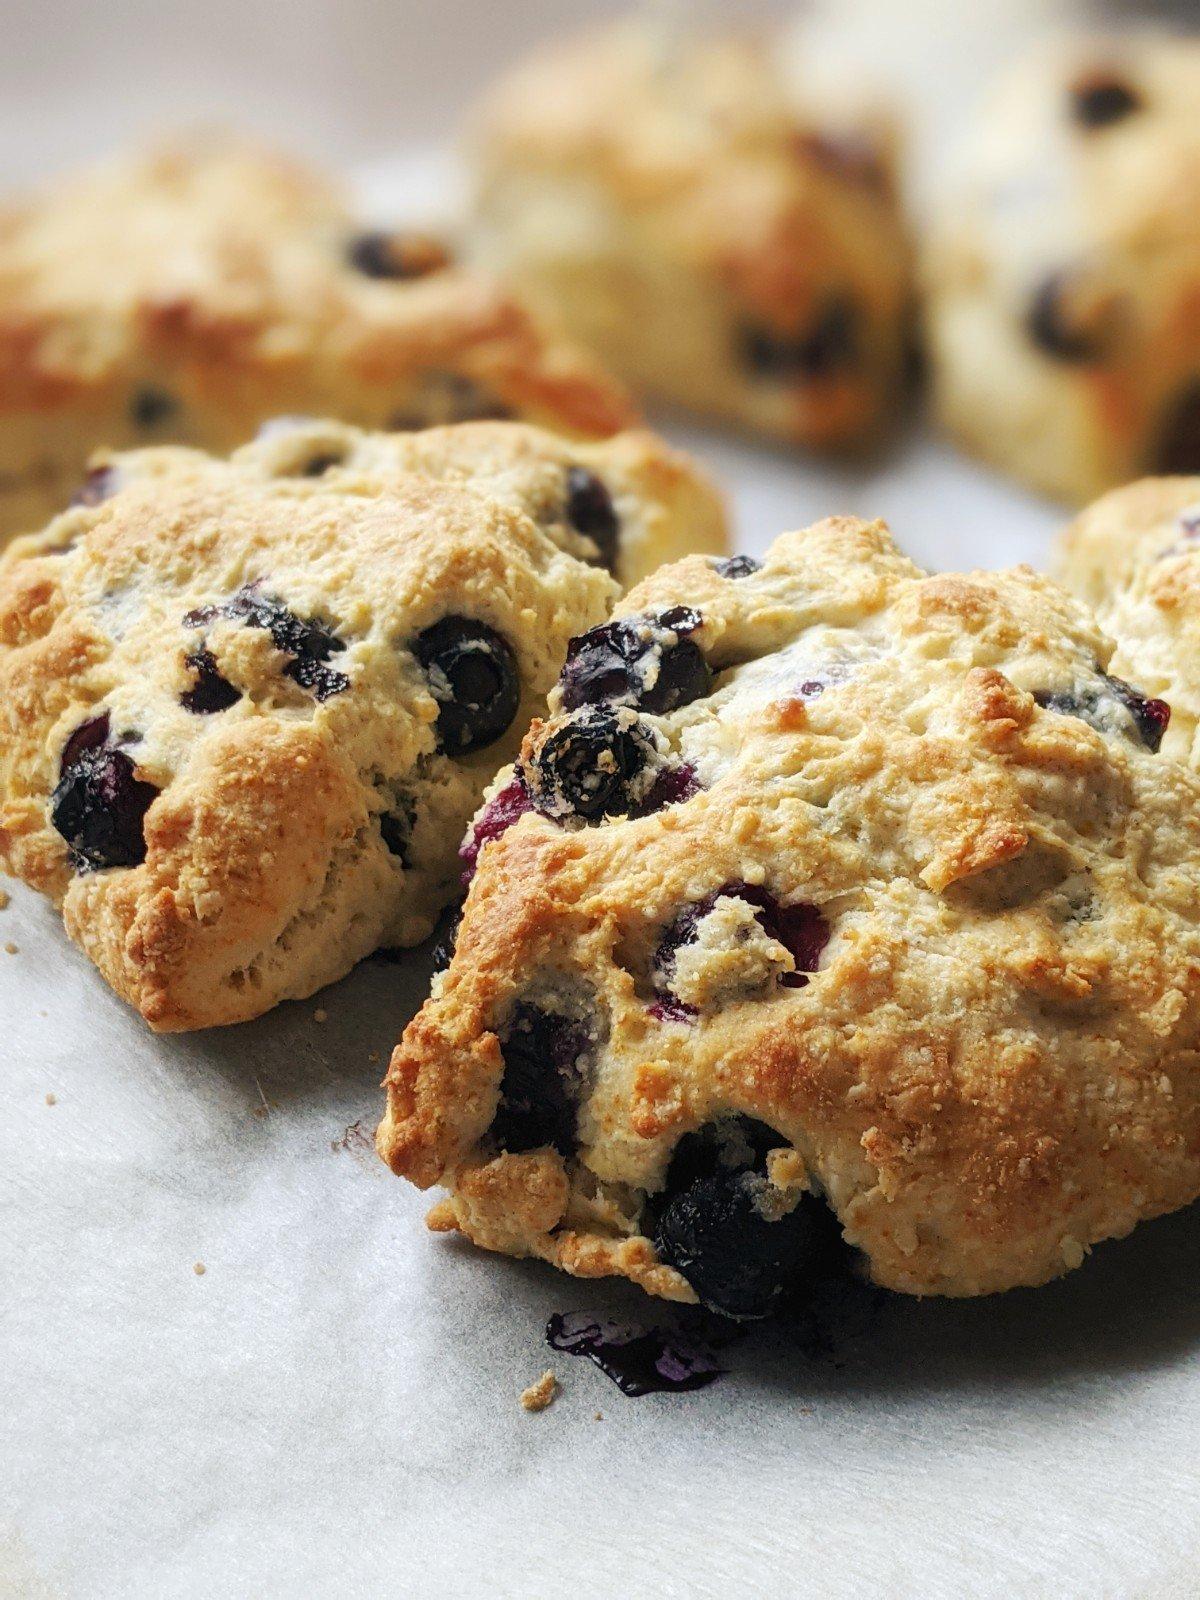 easy scones recipe with blueberries